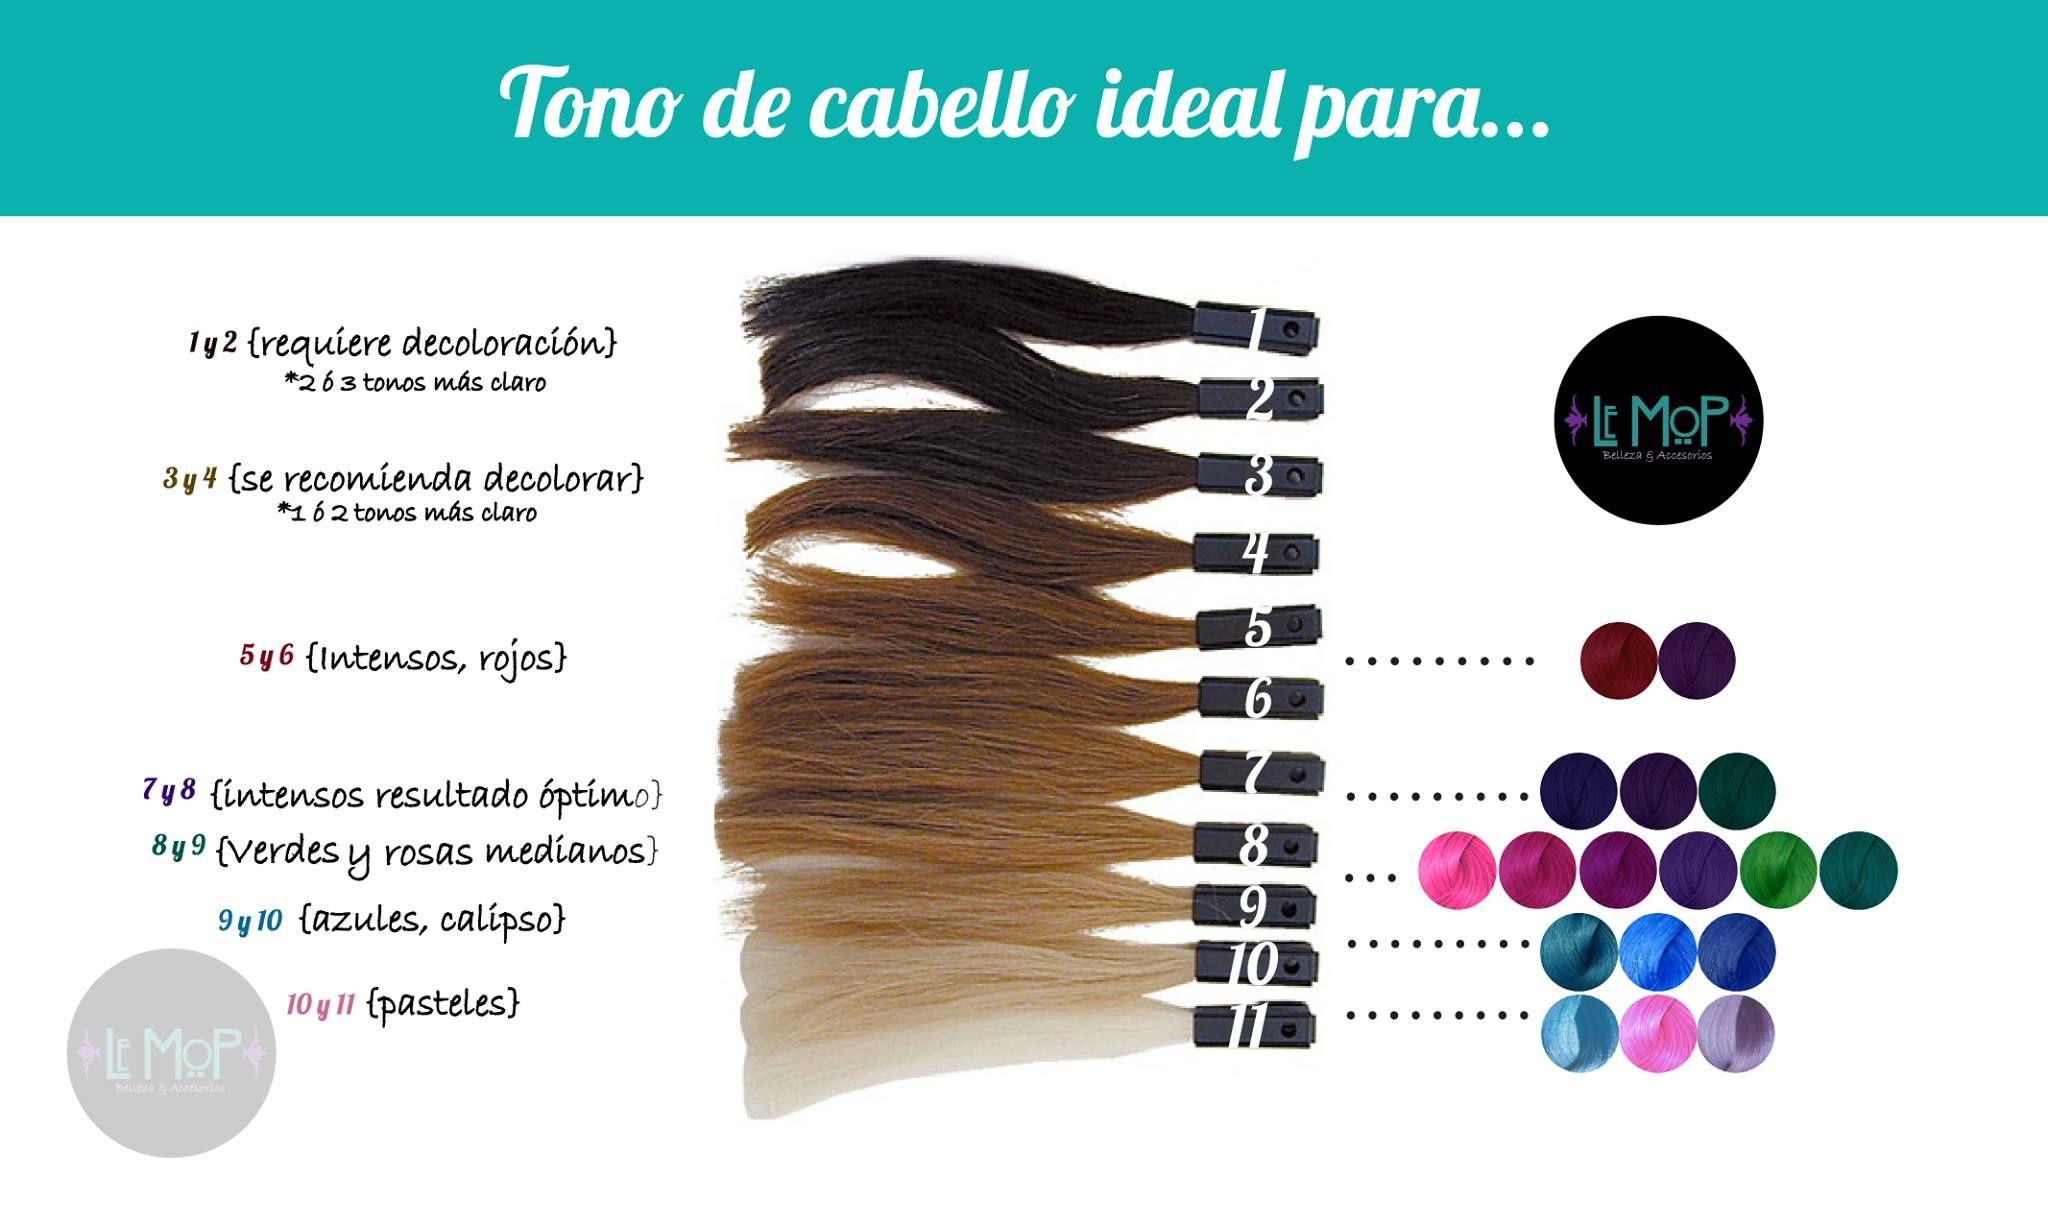 Nivel De Decoloracion Para Tintes Fantasia Decoloración De Cabello Tonos De Cabello Colorimetria Cabello